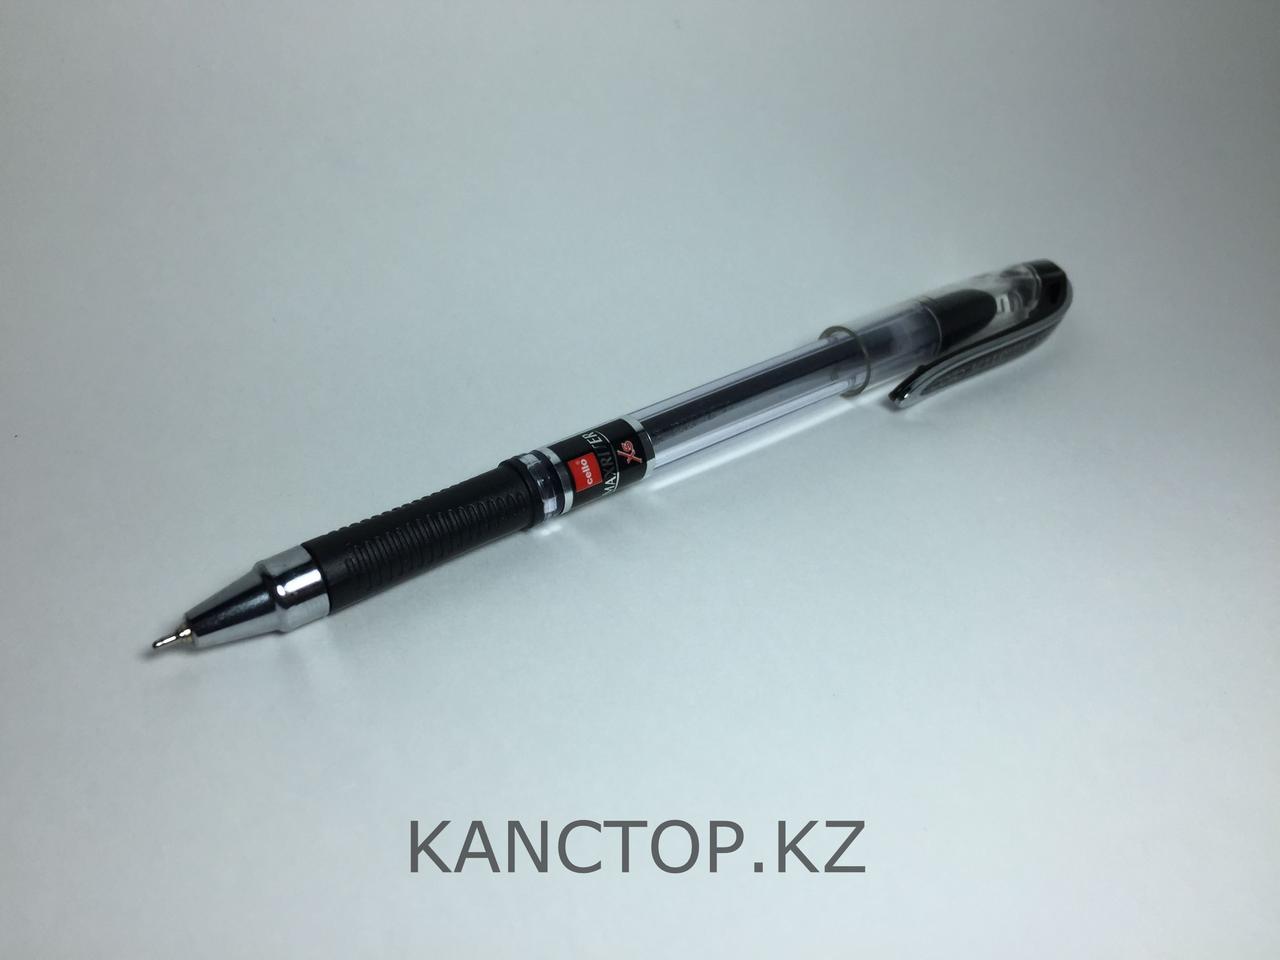 Ручка шариковая CELLO Maxriter XS черная Оригинал 0.7мм